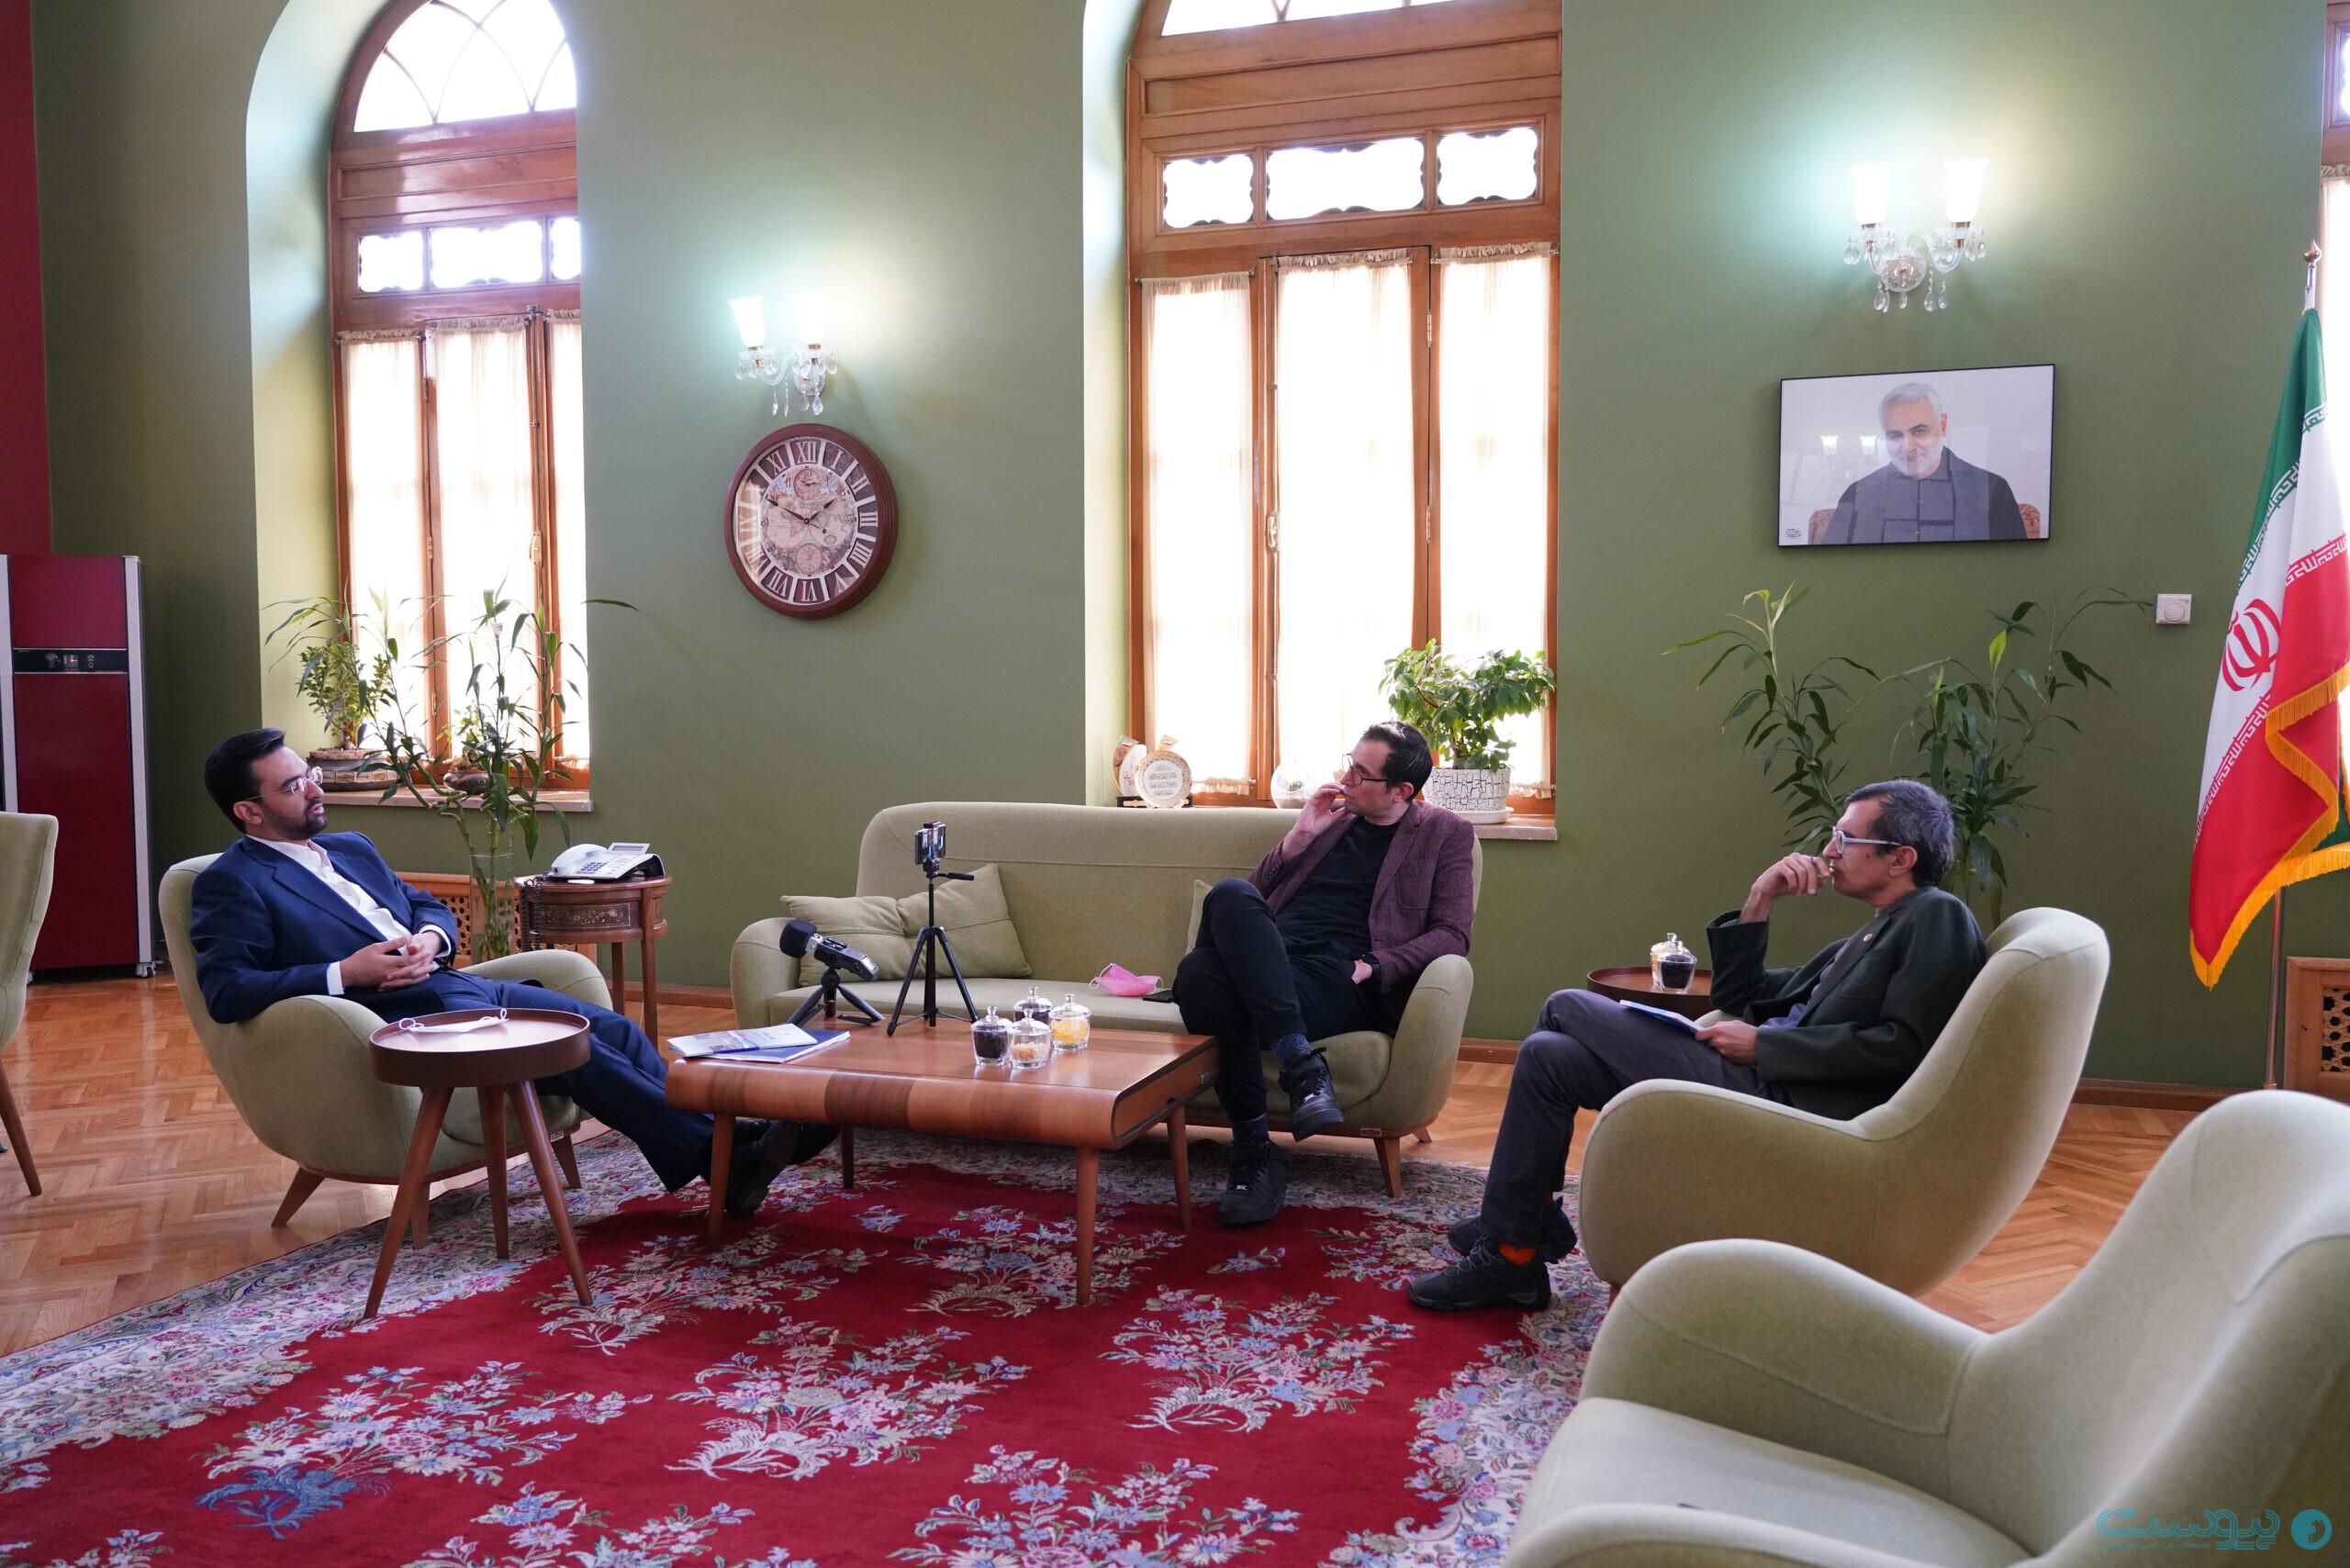 اتاق آذری جهرمی وزیر ارتباطات و فناوری اطلاعات در عمارت کلاه فرنگی